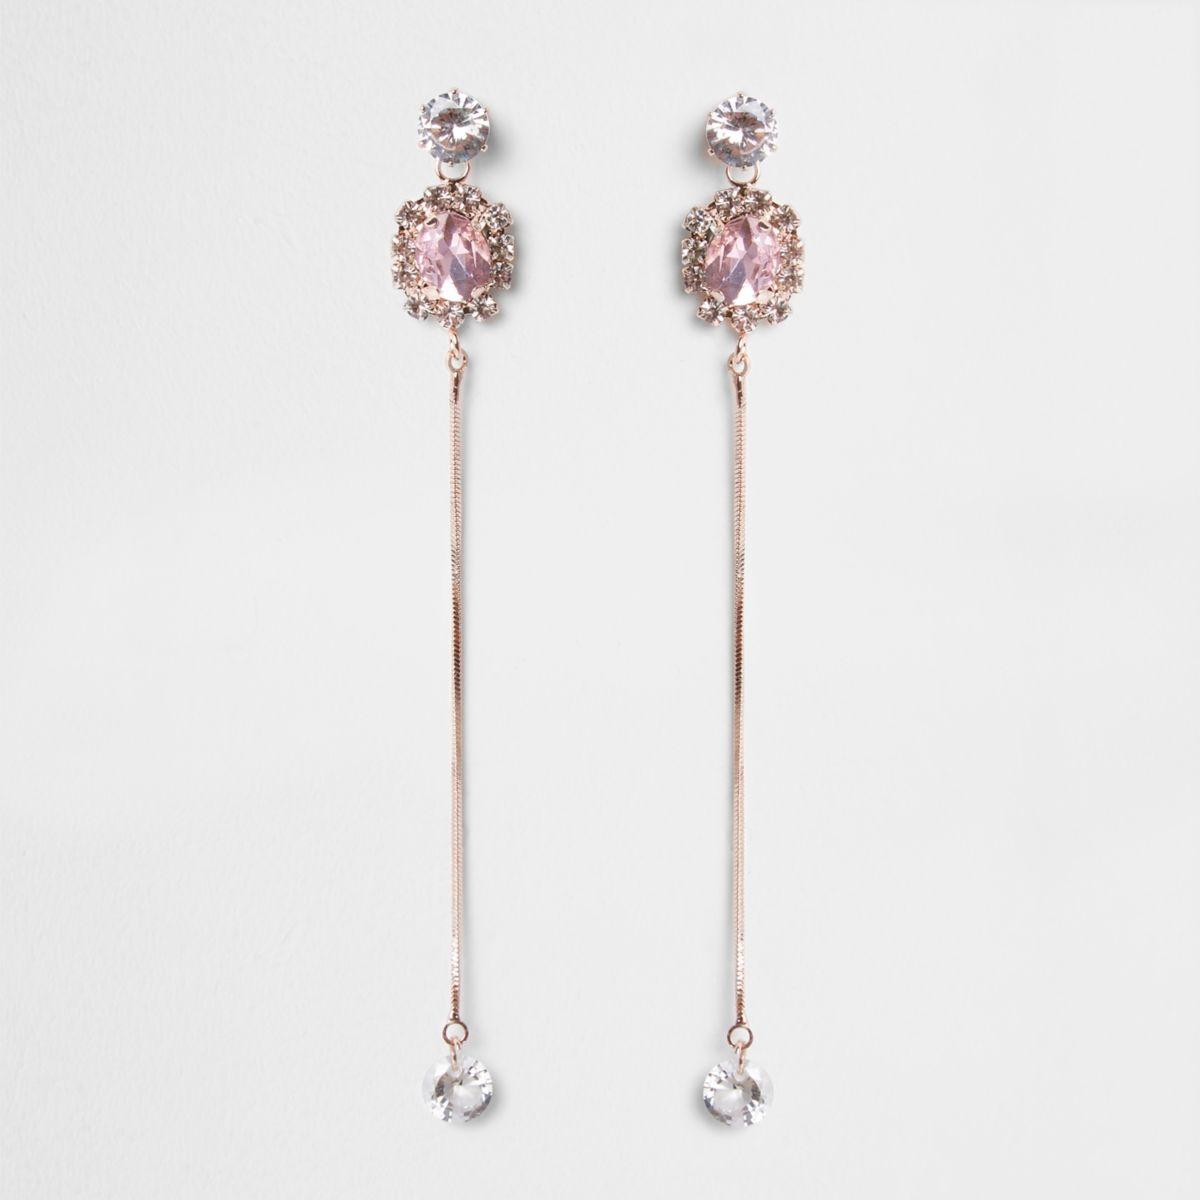 Rose gold tone rhinestone chain drop earrings